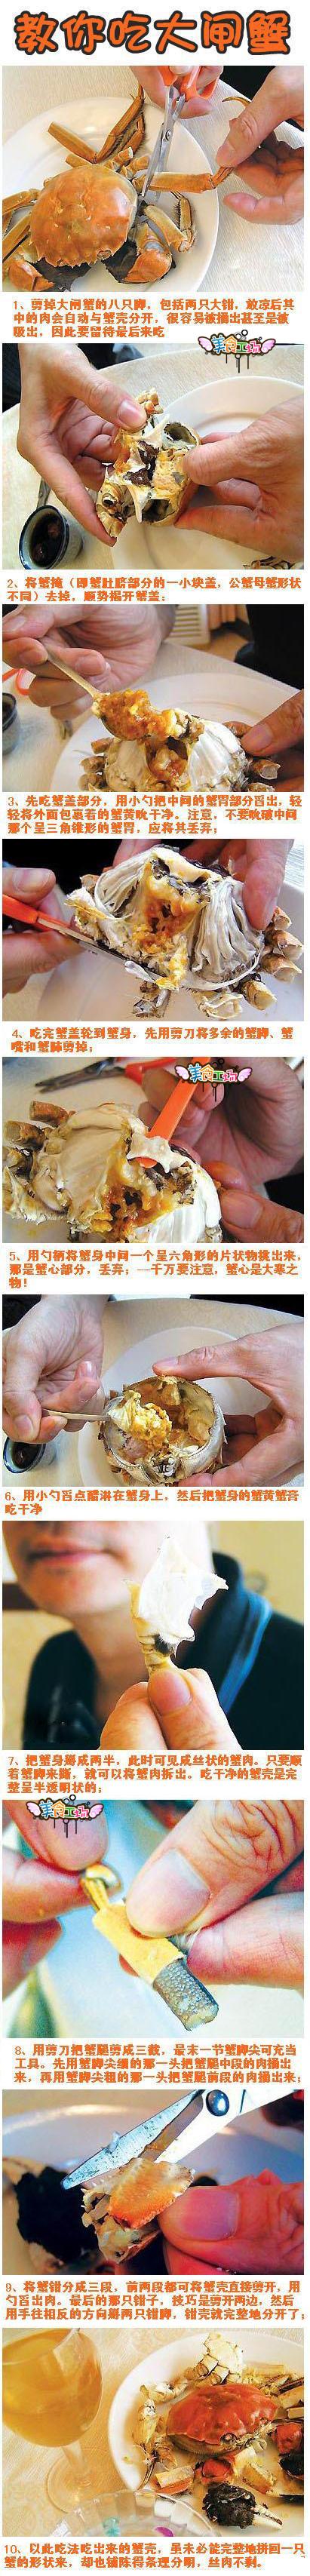 教你怎么吃螃蟹 如何吃螃蟹 图解+视频